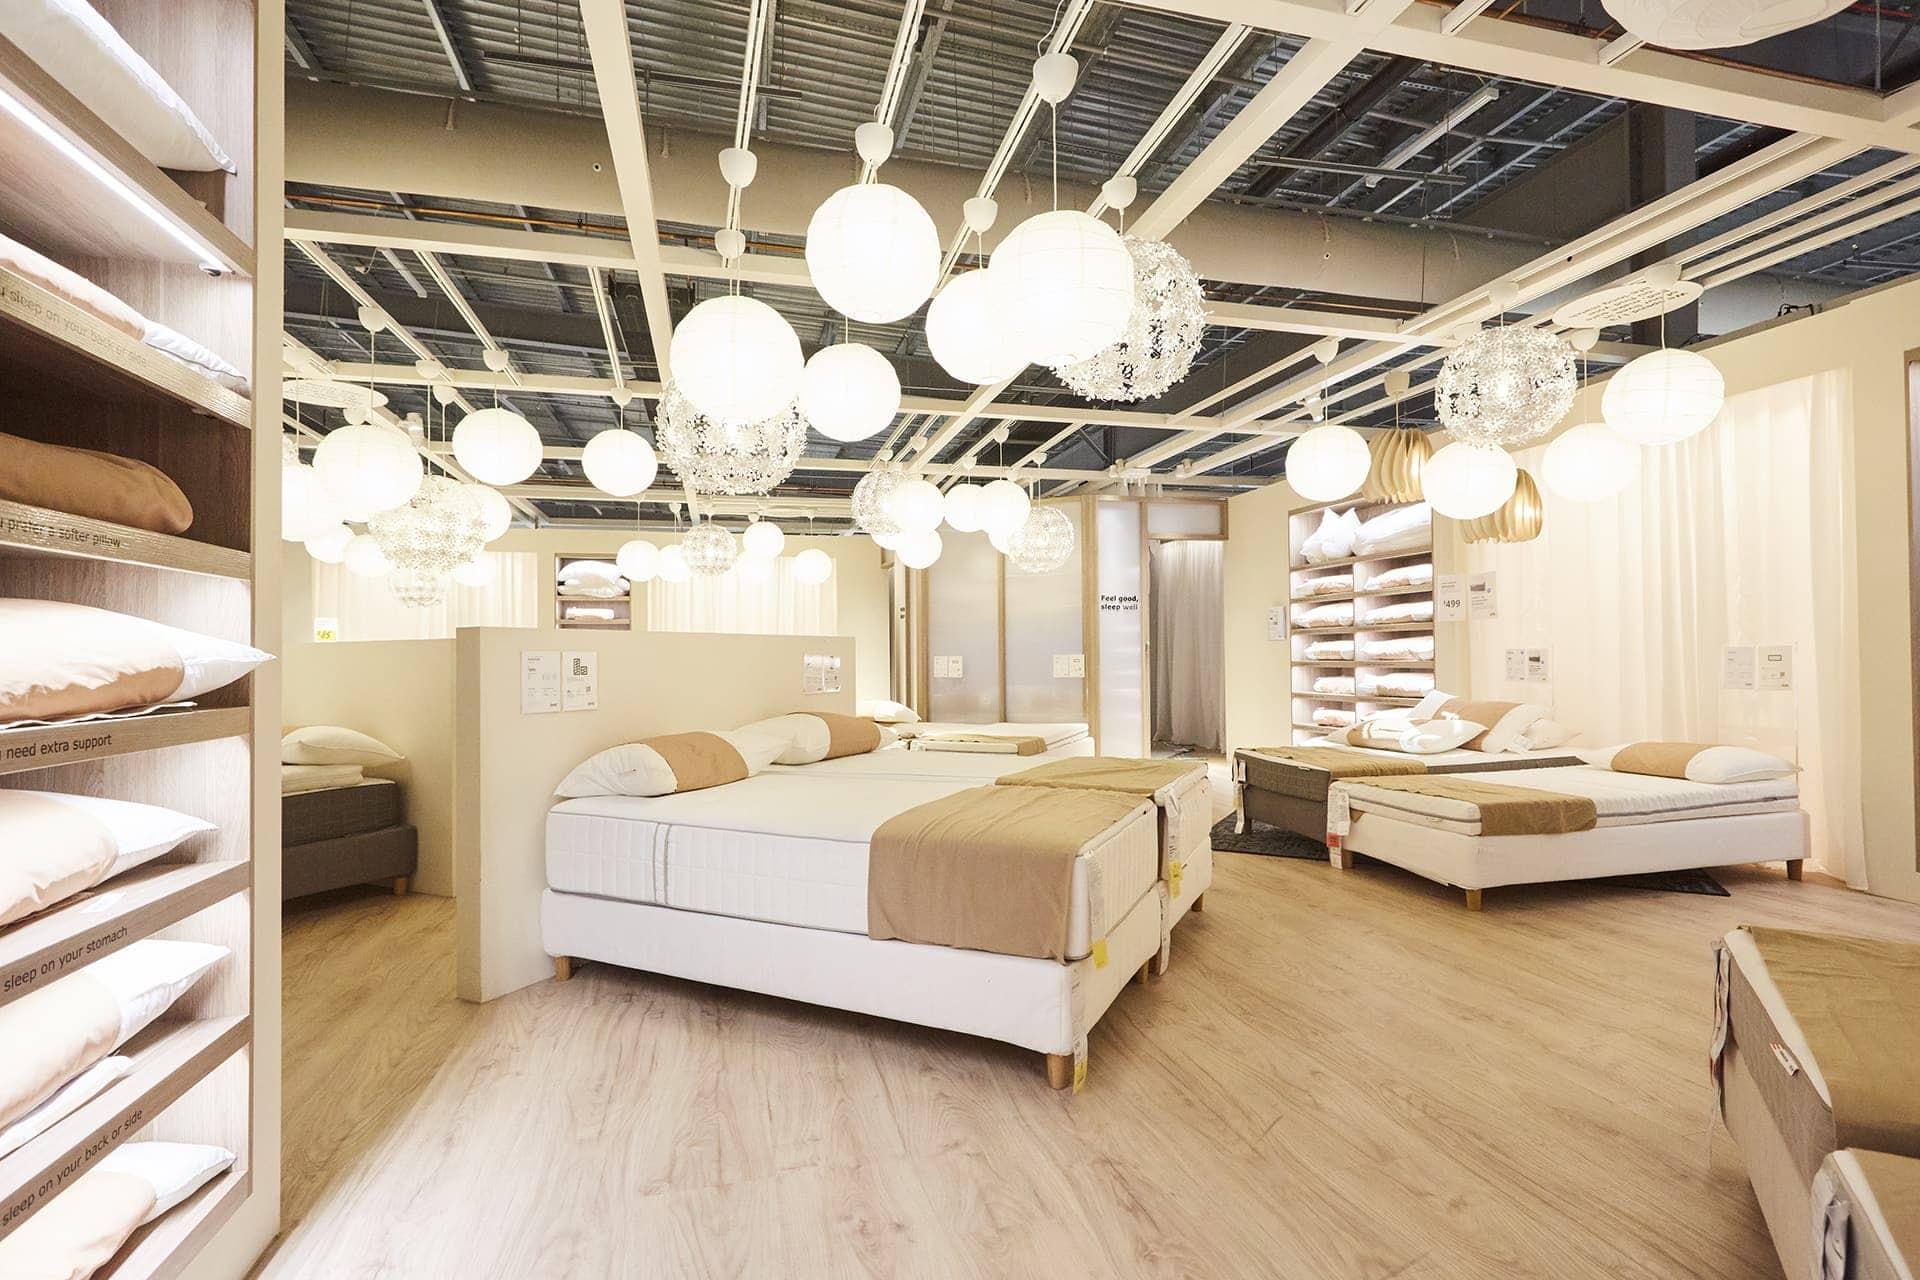 ikea-sleep-studio-ikea-springvale-ikea-mattresses-on-showroom-floor